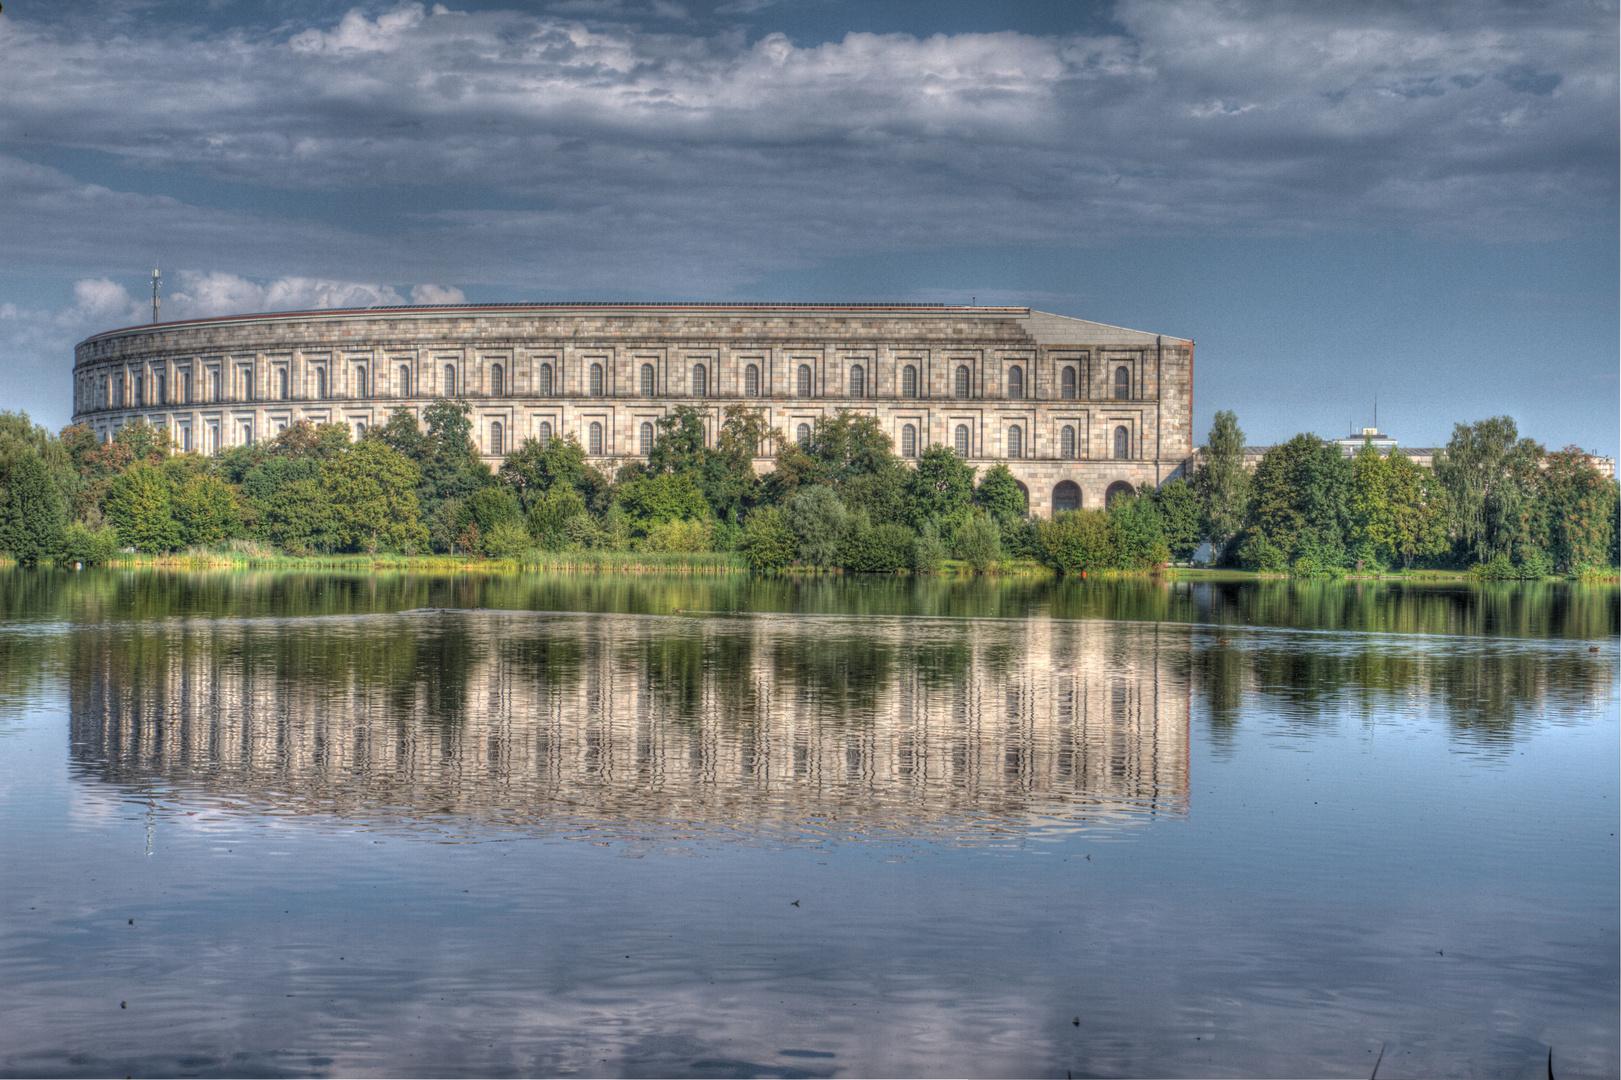 Kongresshalle Reichsparteitagsgelände Nürnberg im August 2011 HDR (1)